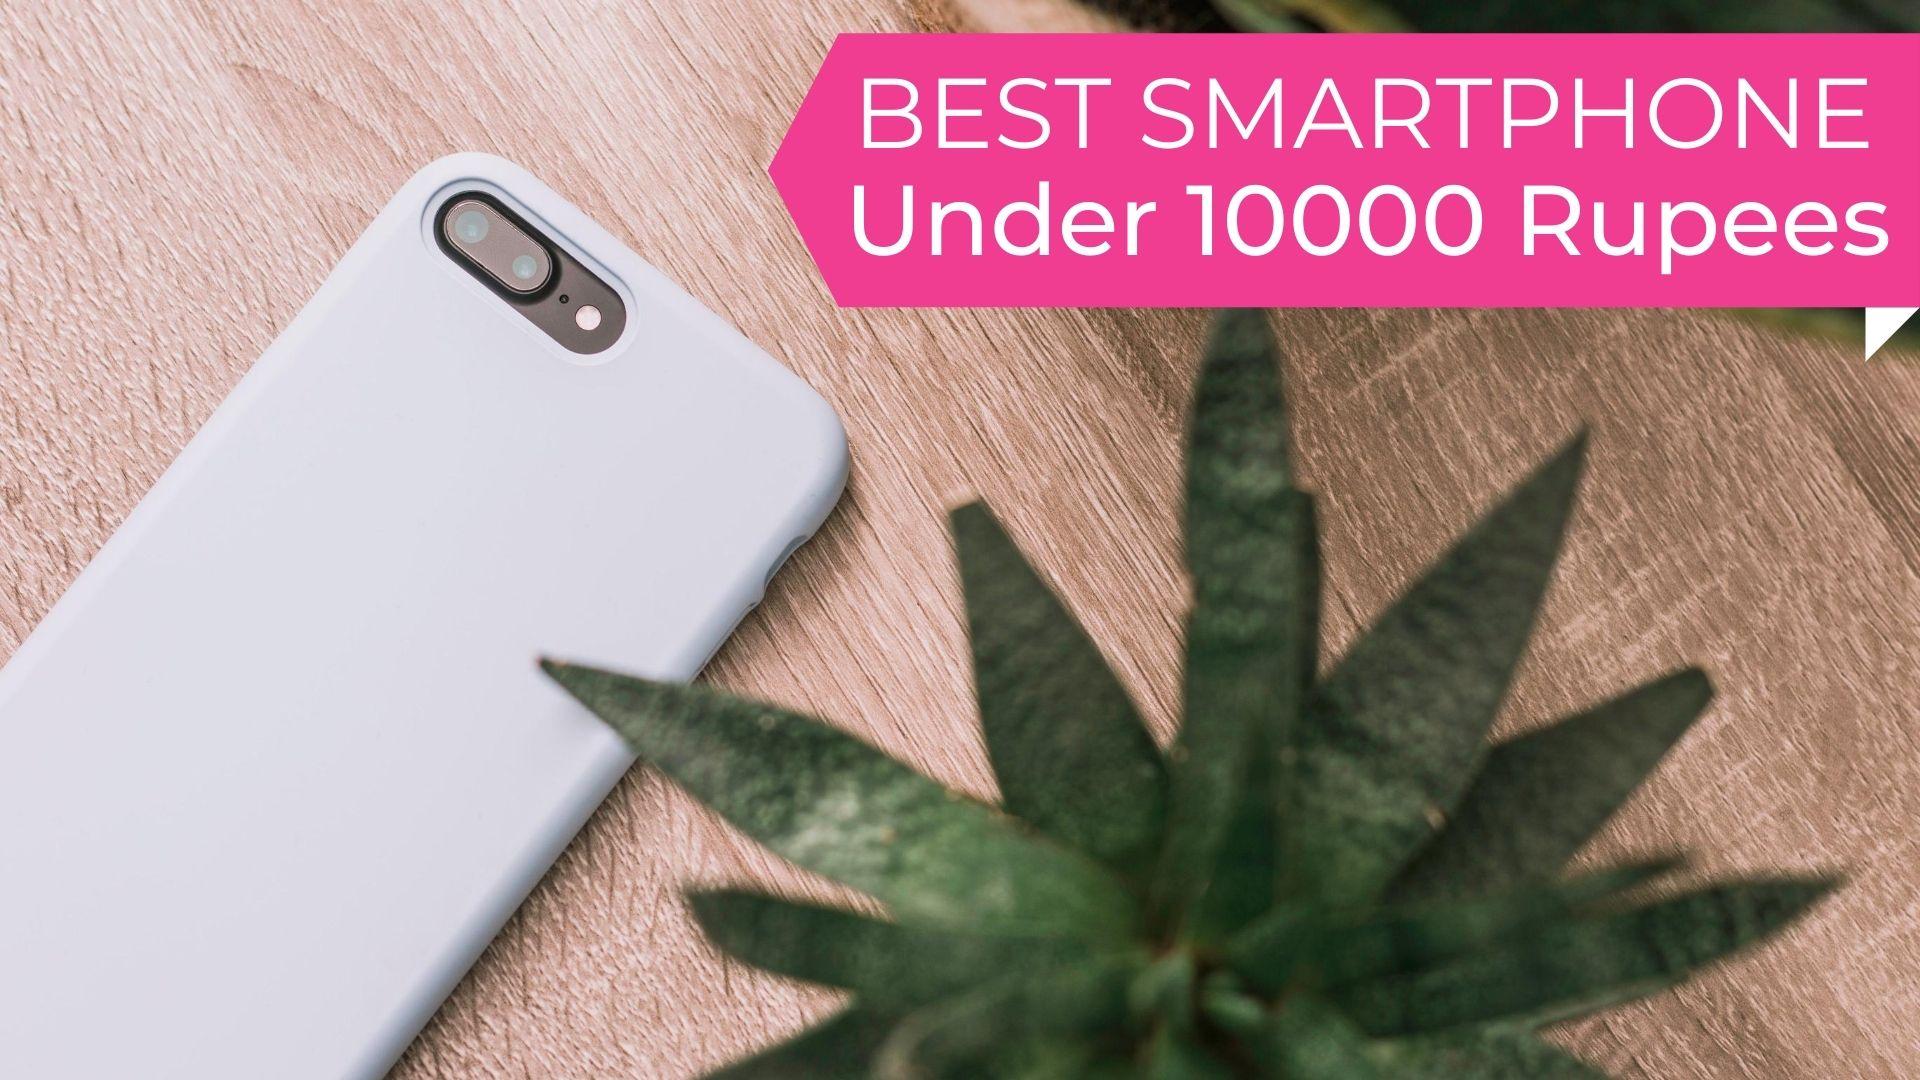 best Smartphone under 10000 Rupees